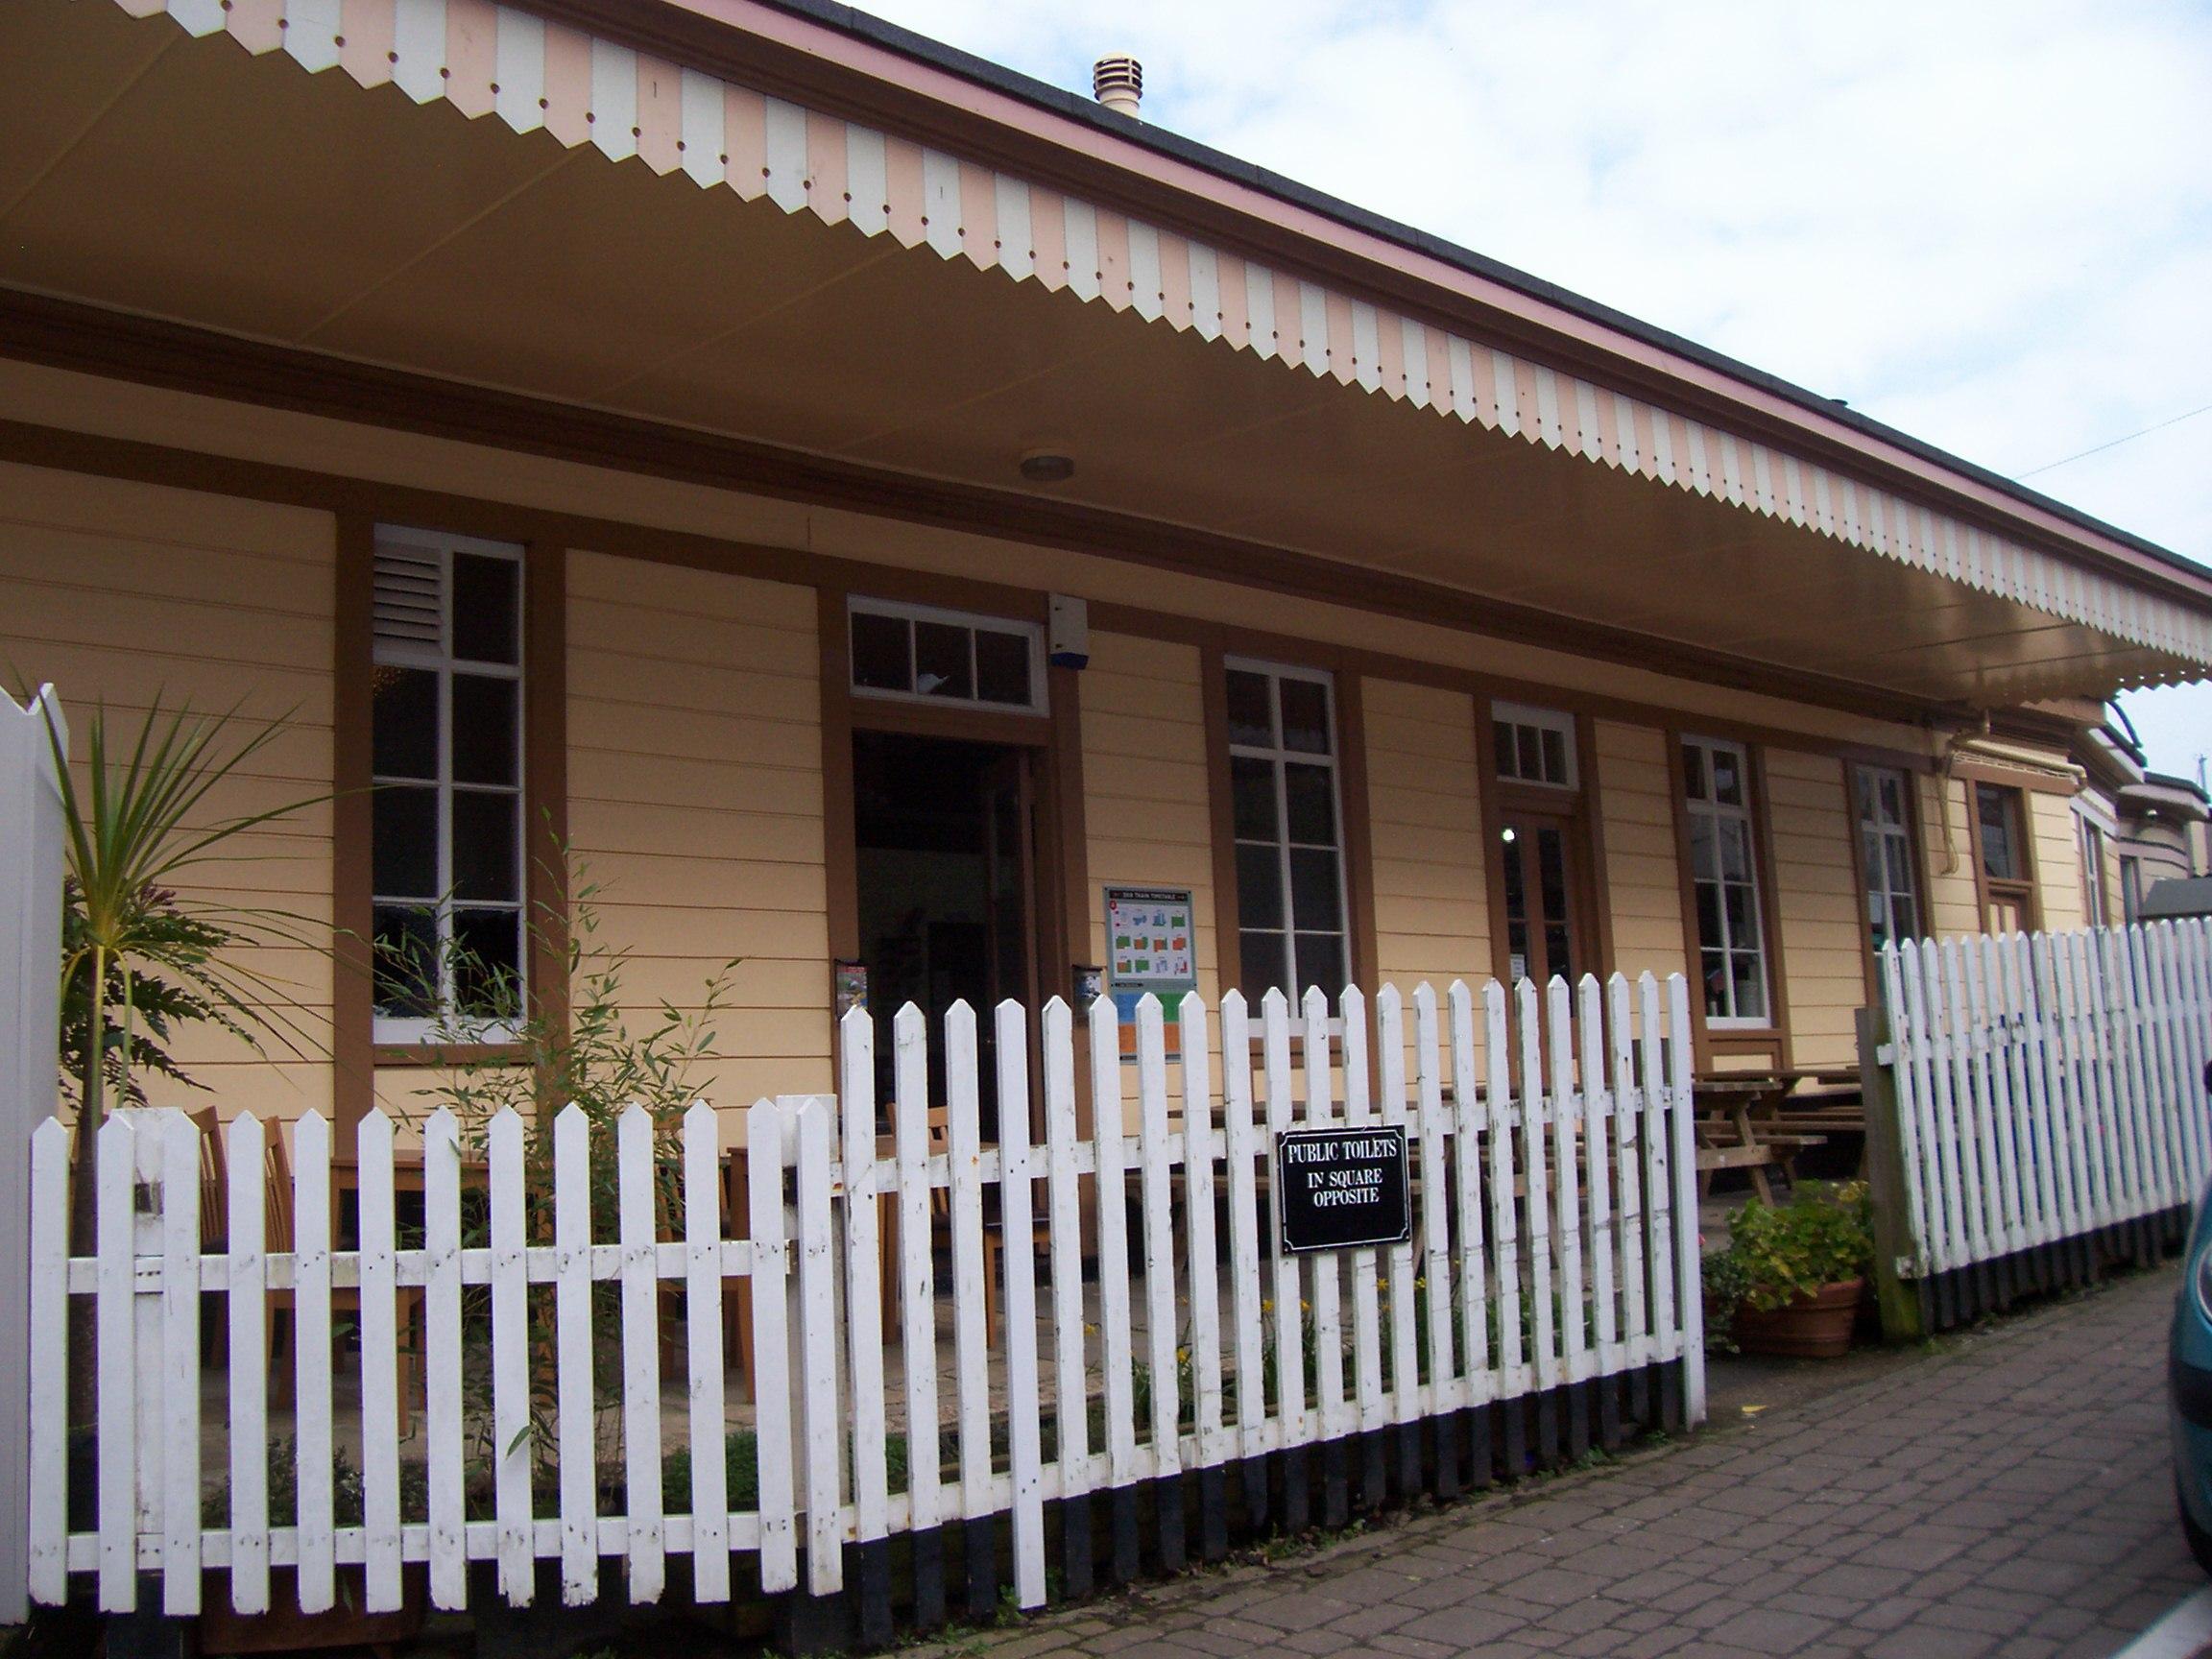 Kingswear Station